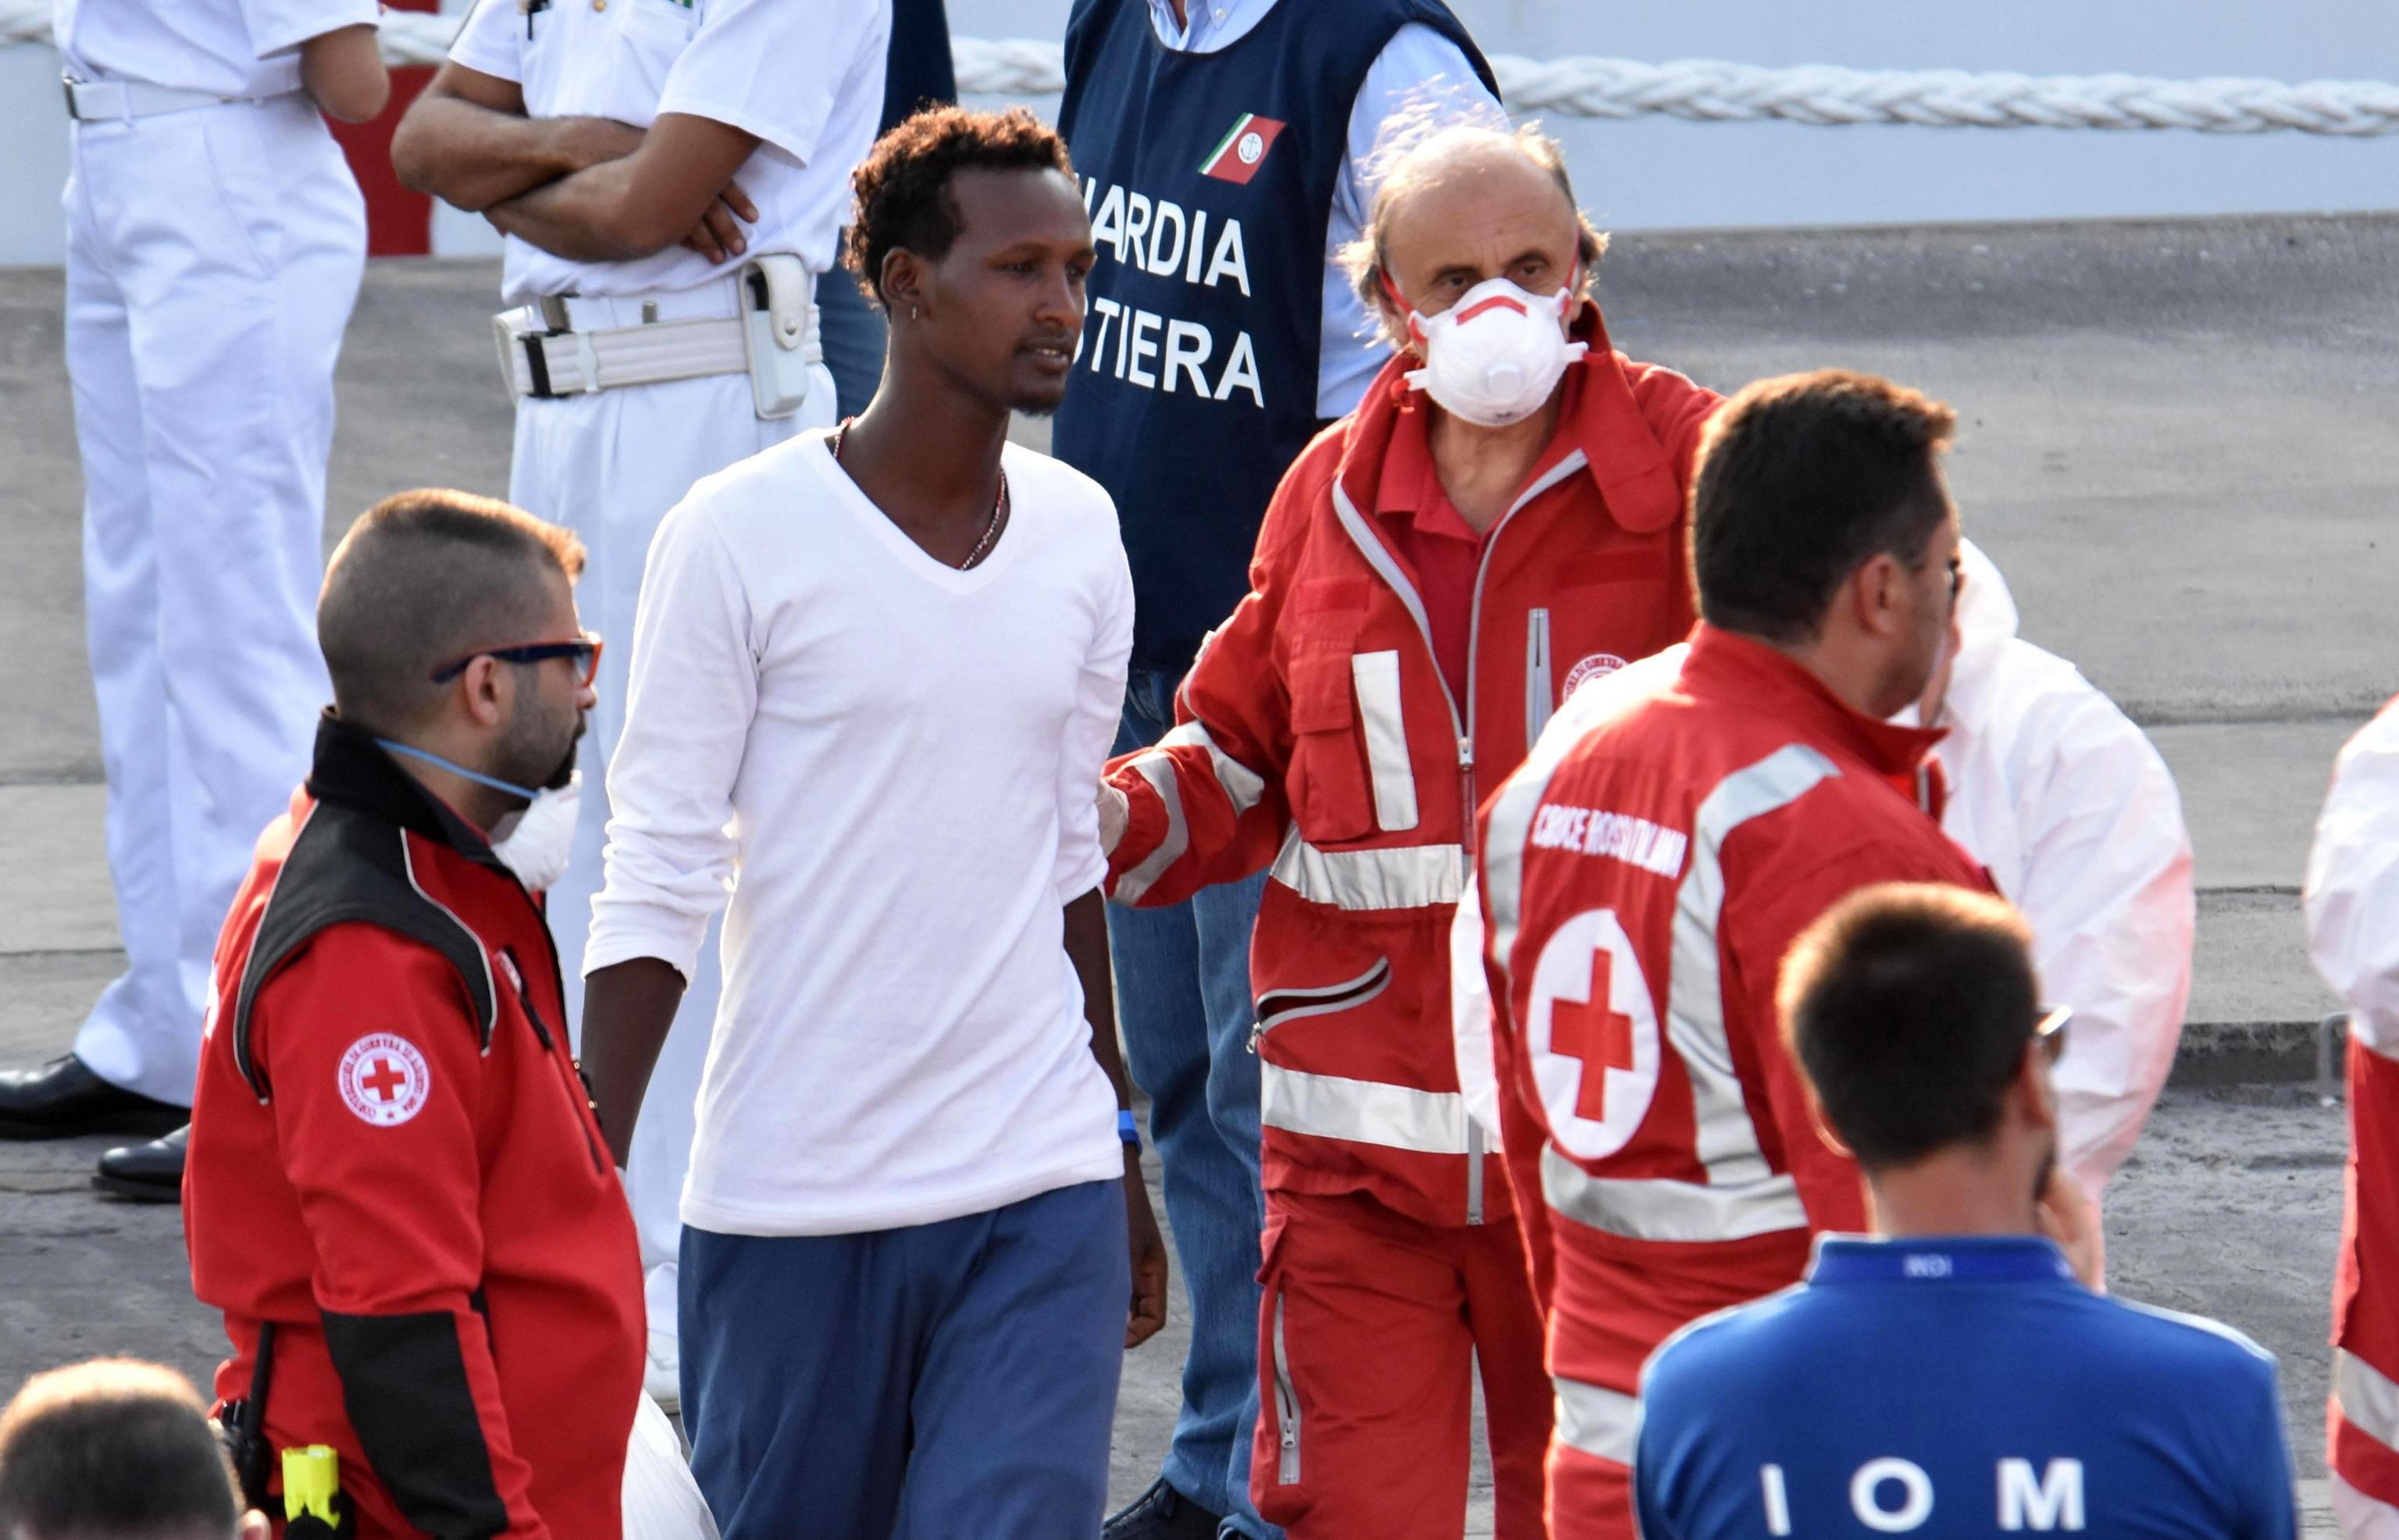 Europa Italiju prozvala zbog manjka solidarnosti za migrante